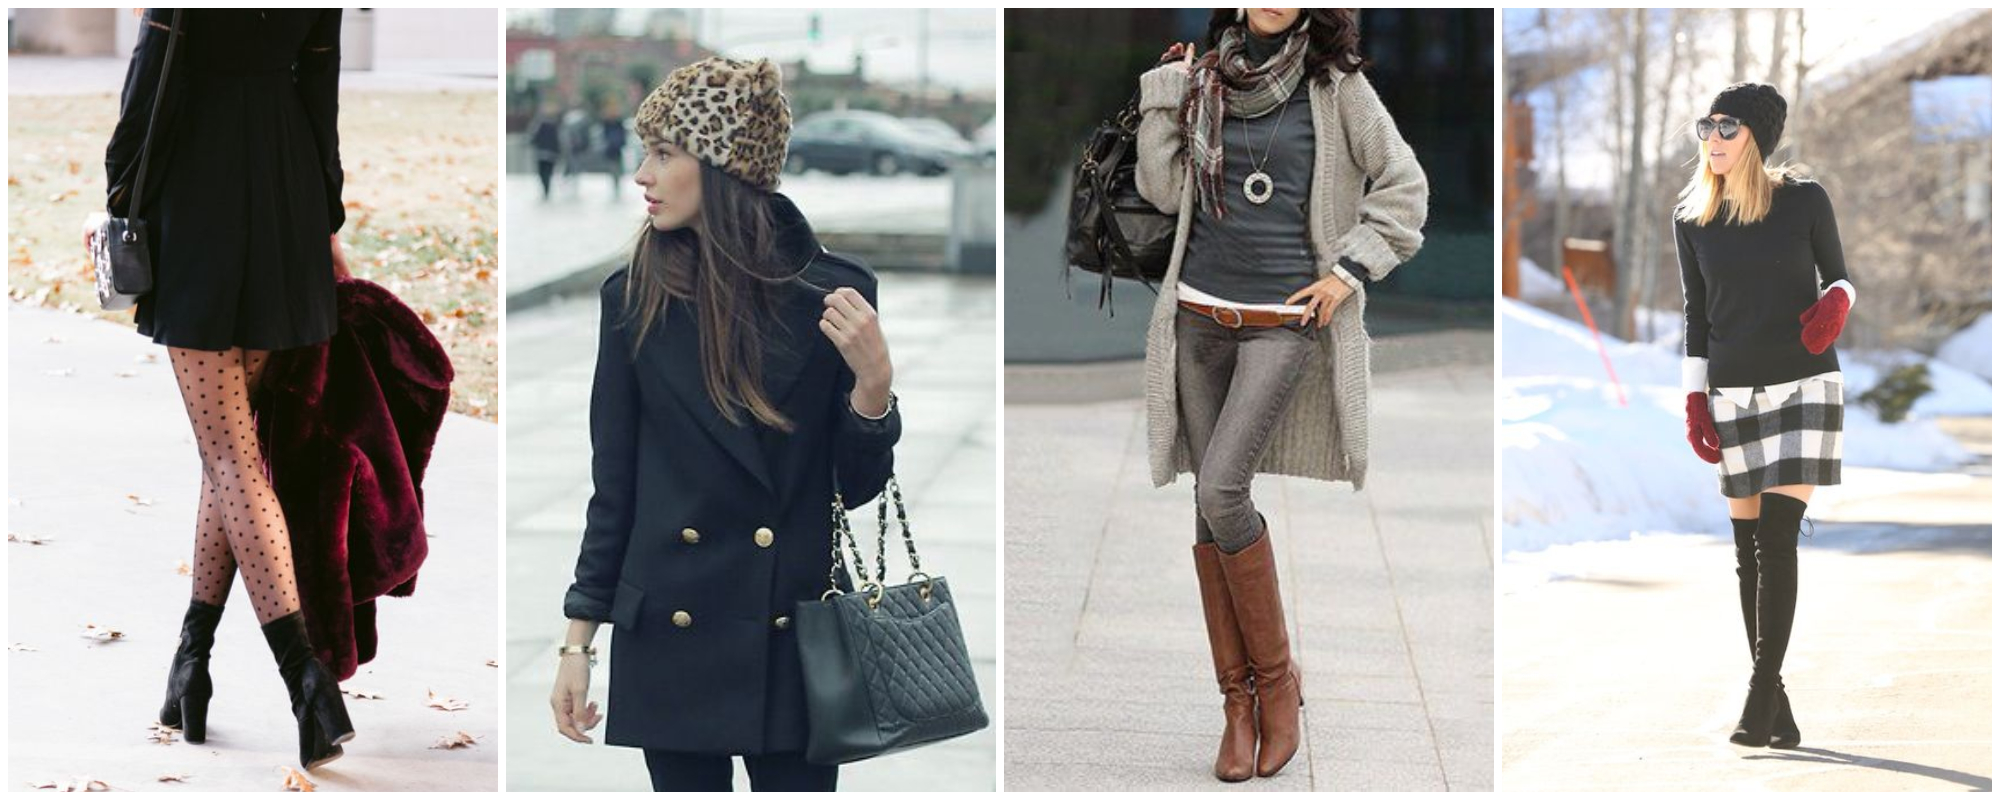 5 acessórios de inverno indispensáveis no look